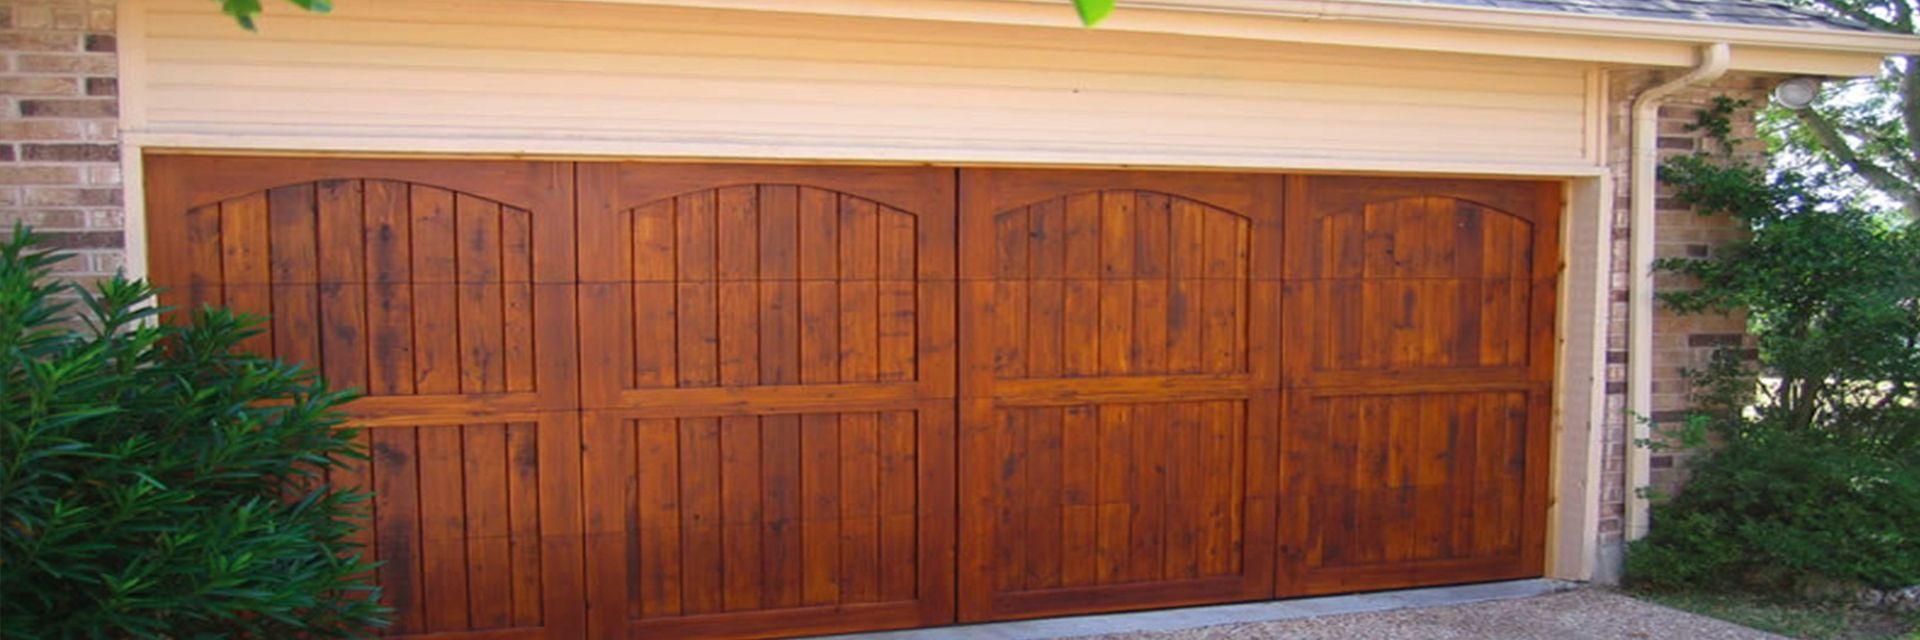 Garage door repair installation in gilbert az gilbert for Garage door repair in gilbert az